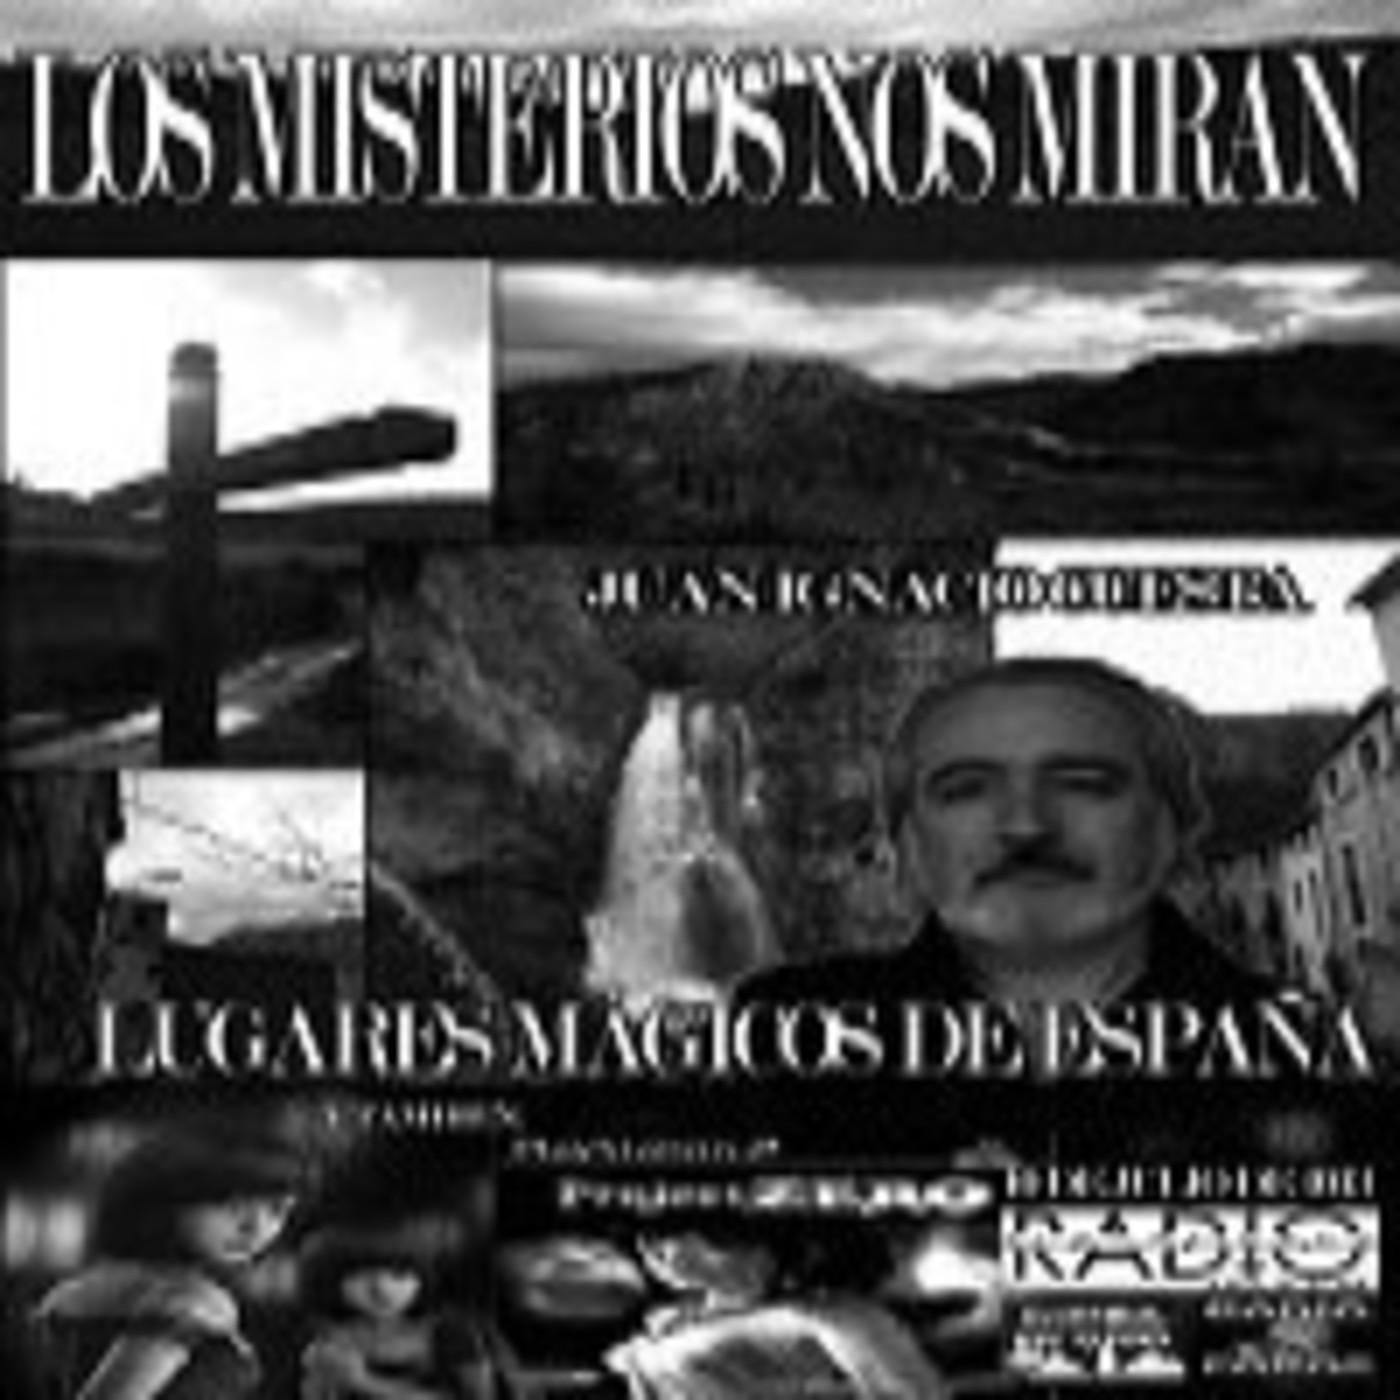 Programa 53:  'Lugares mágicos de España con Juan Ignacio Cuesta' y 'Videojuego Project Zero'